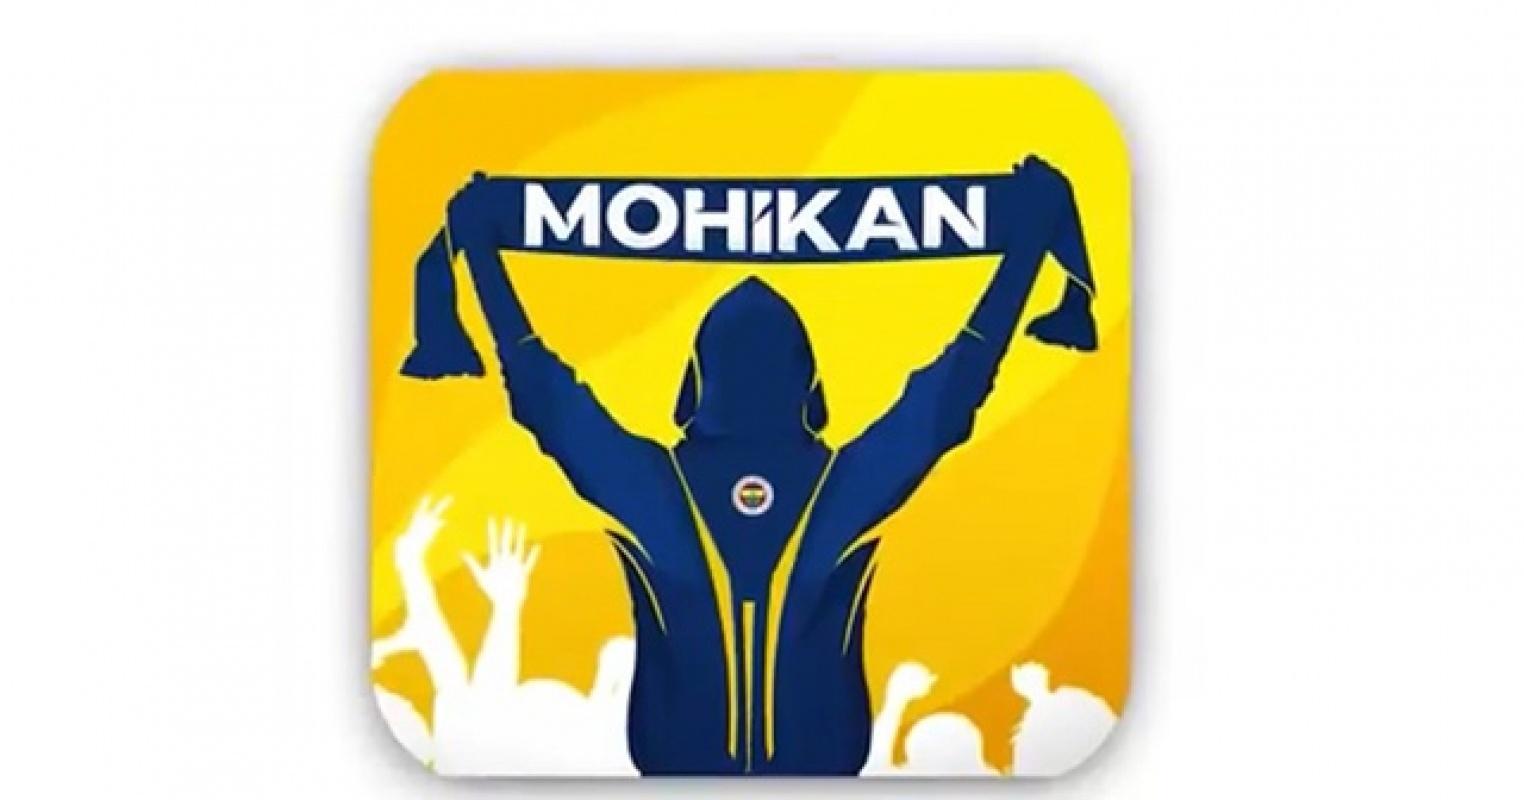 Fenerbahçe'nin yeni uygulaması Mohikan büyük ilgi gördü